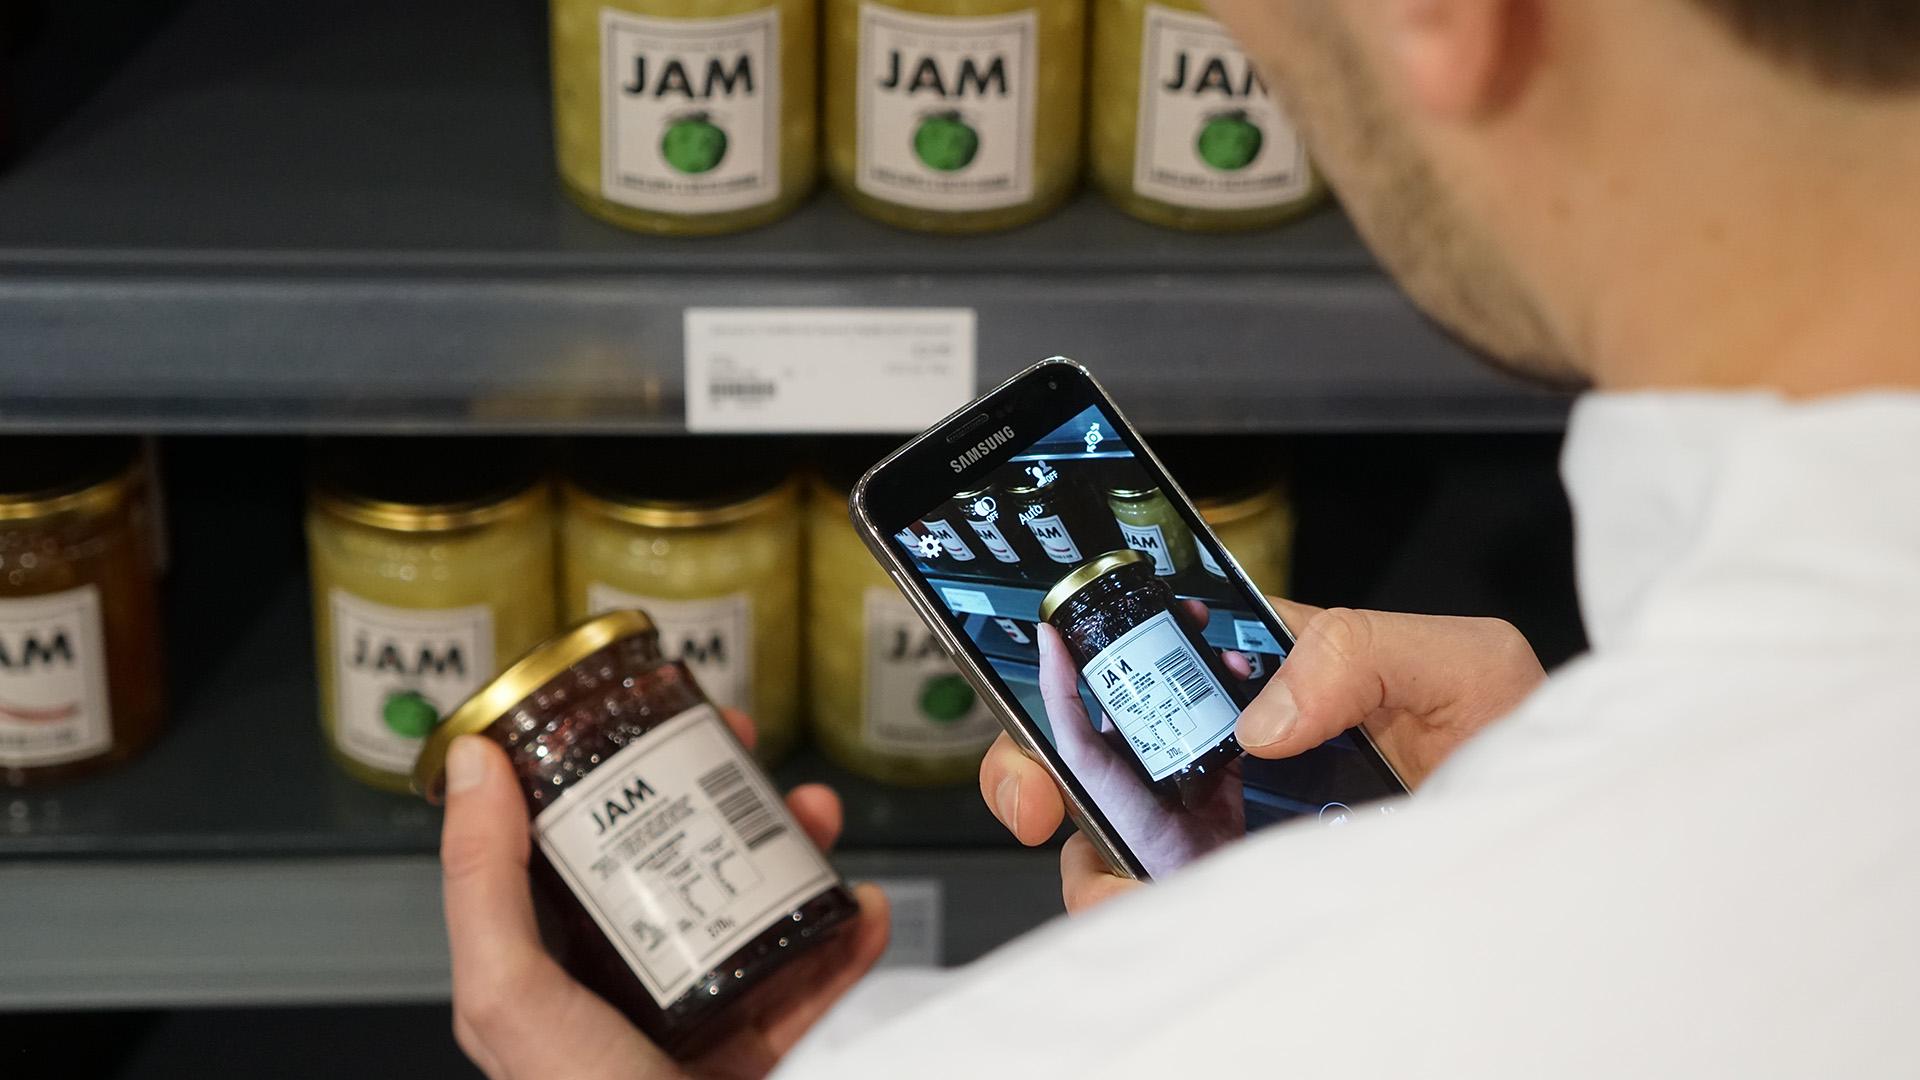 Scandit Retail Barcode Scanning with Samsung 1920x1080